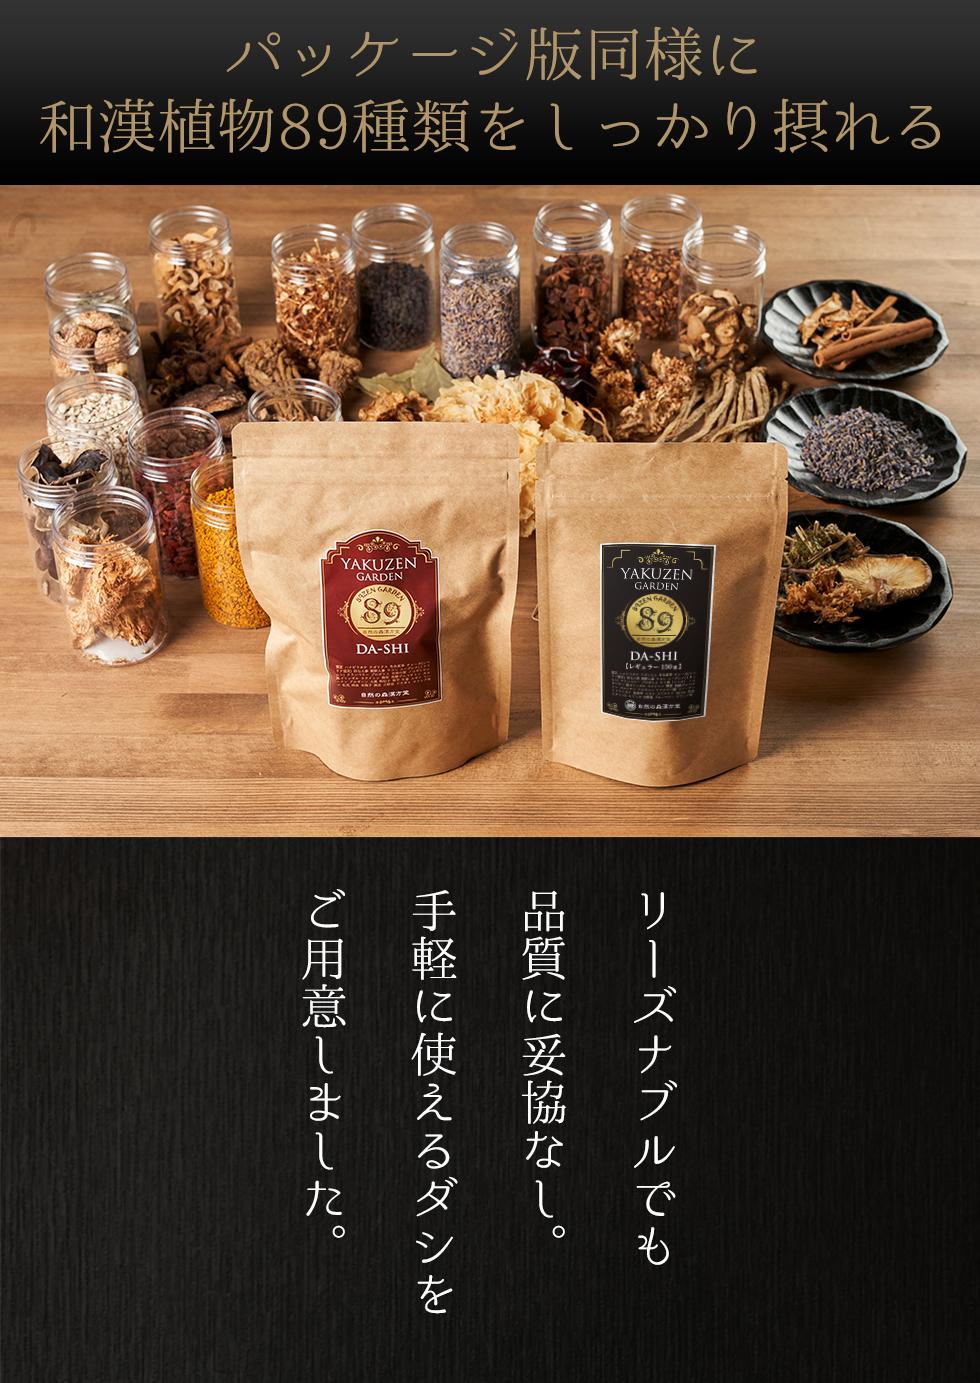 パッケージ版同様に和漢植物89種類をしっかり摂れる